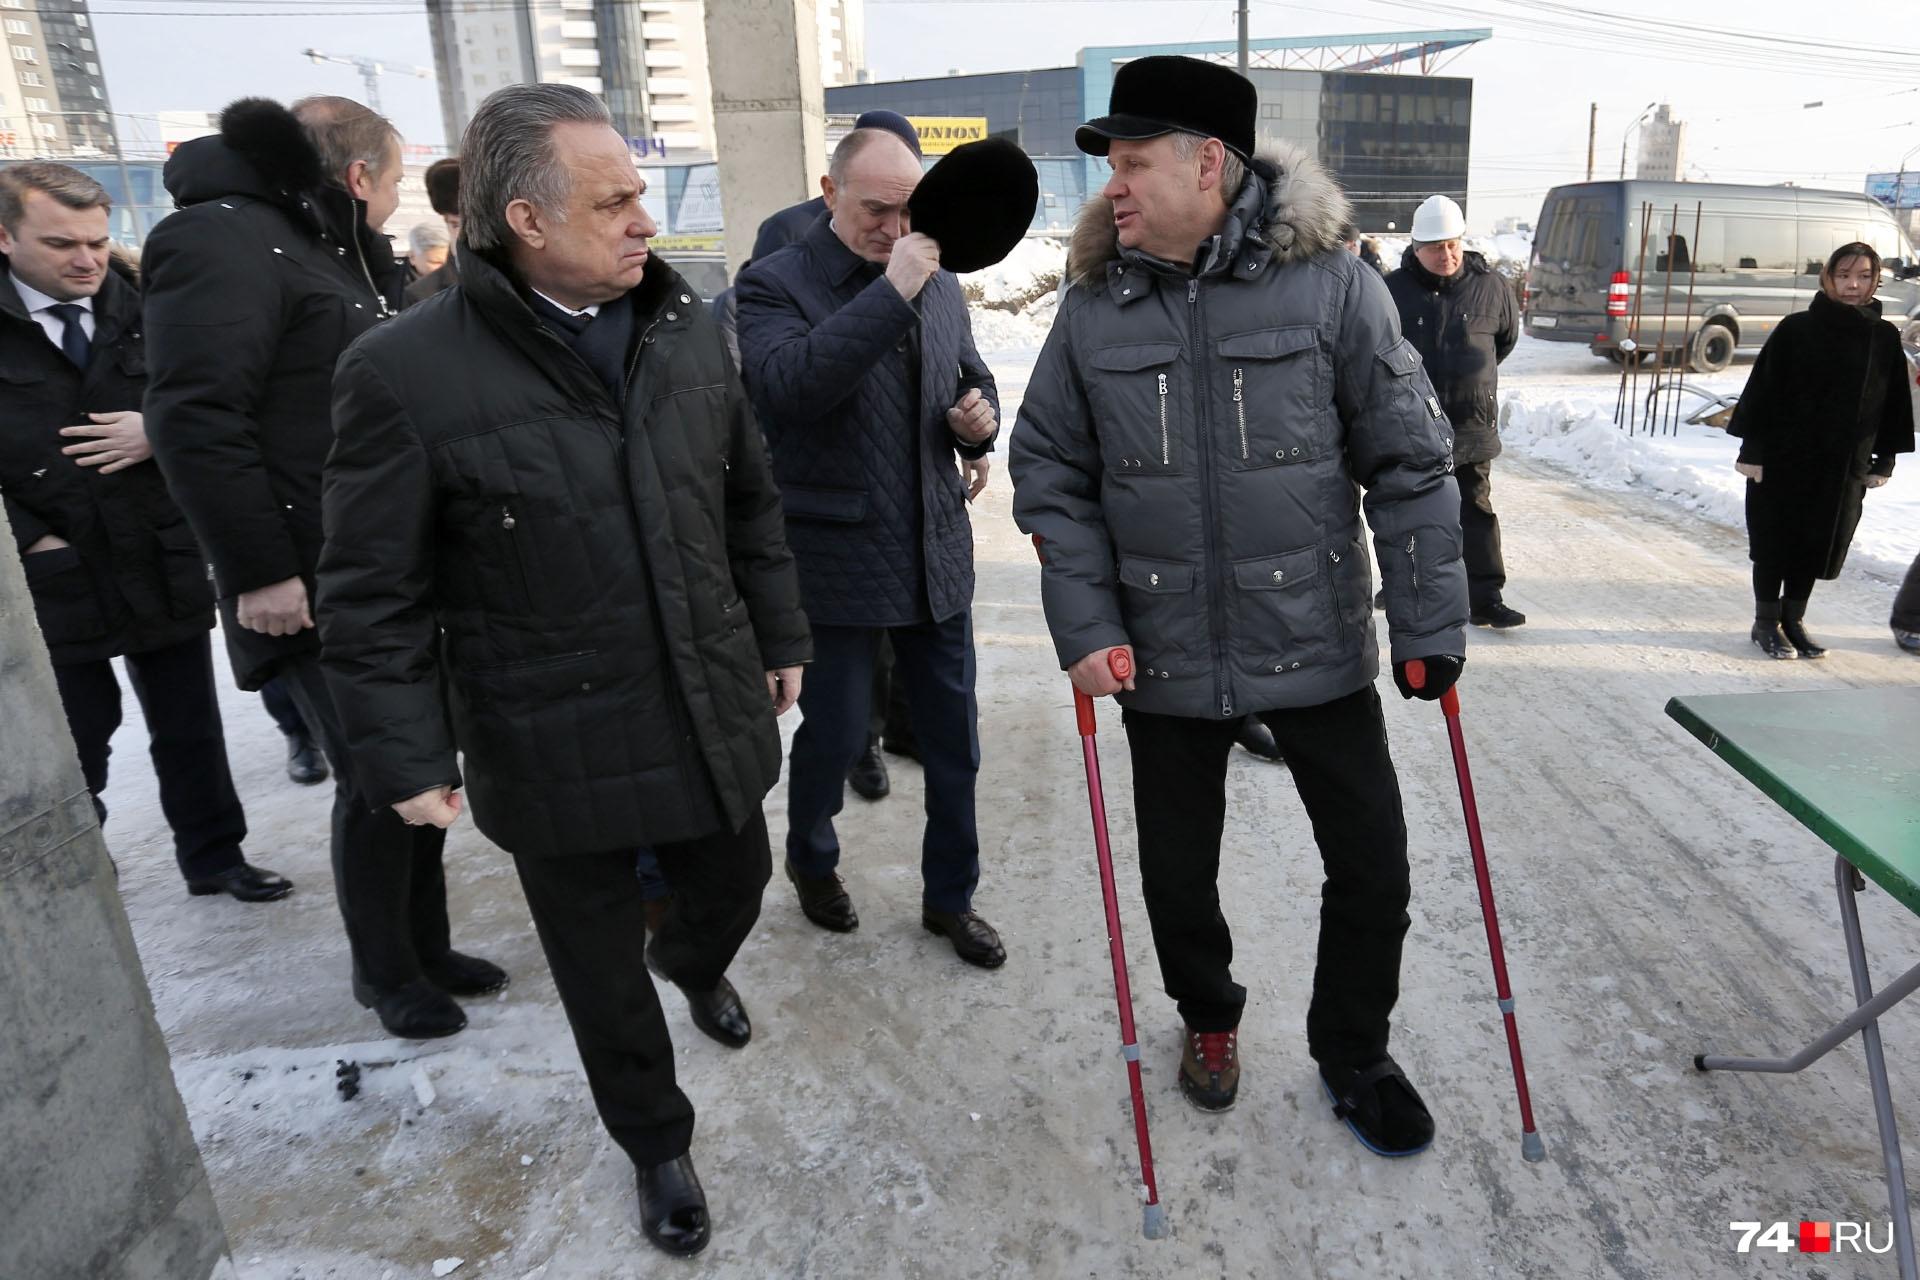 На улице Труда делегацию поджидал генеральный директор компании «Триумф» Алексей Наговицын, ответственный за конгресс-холл